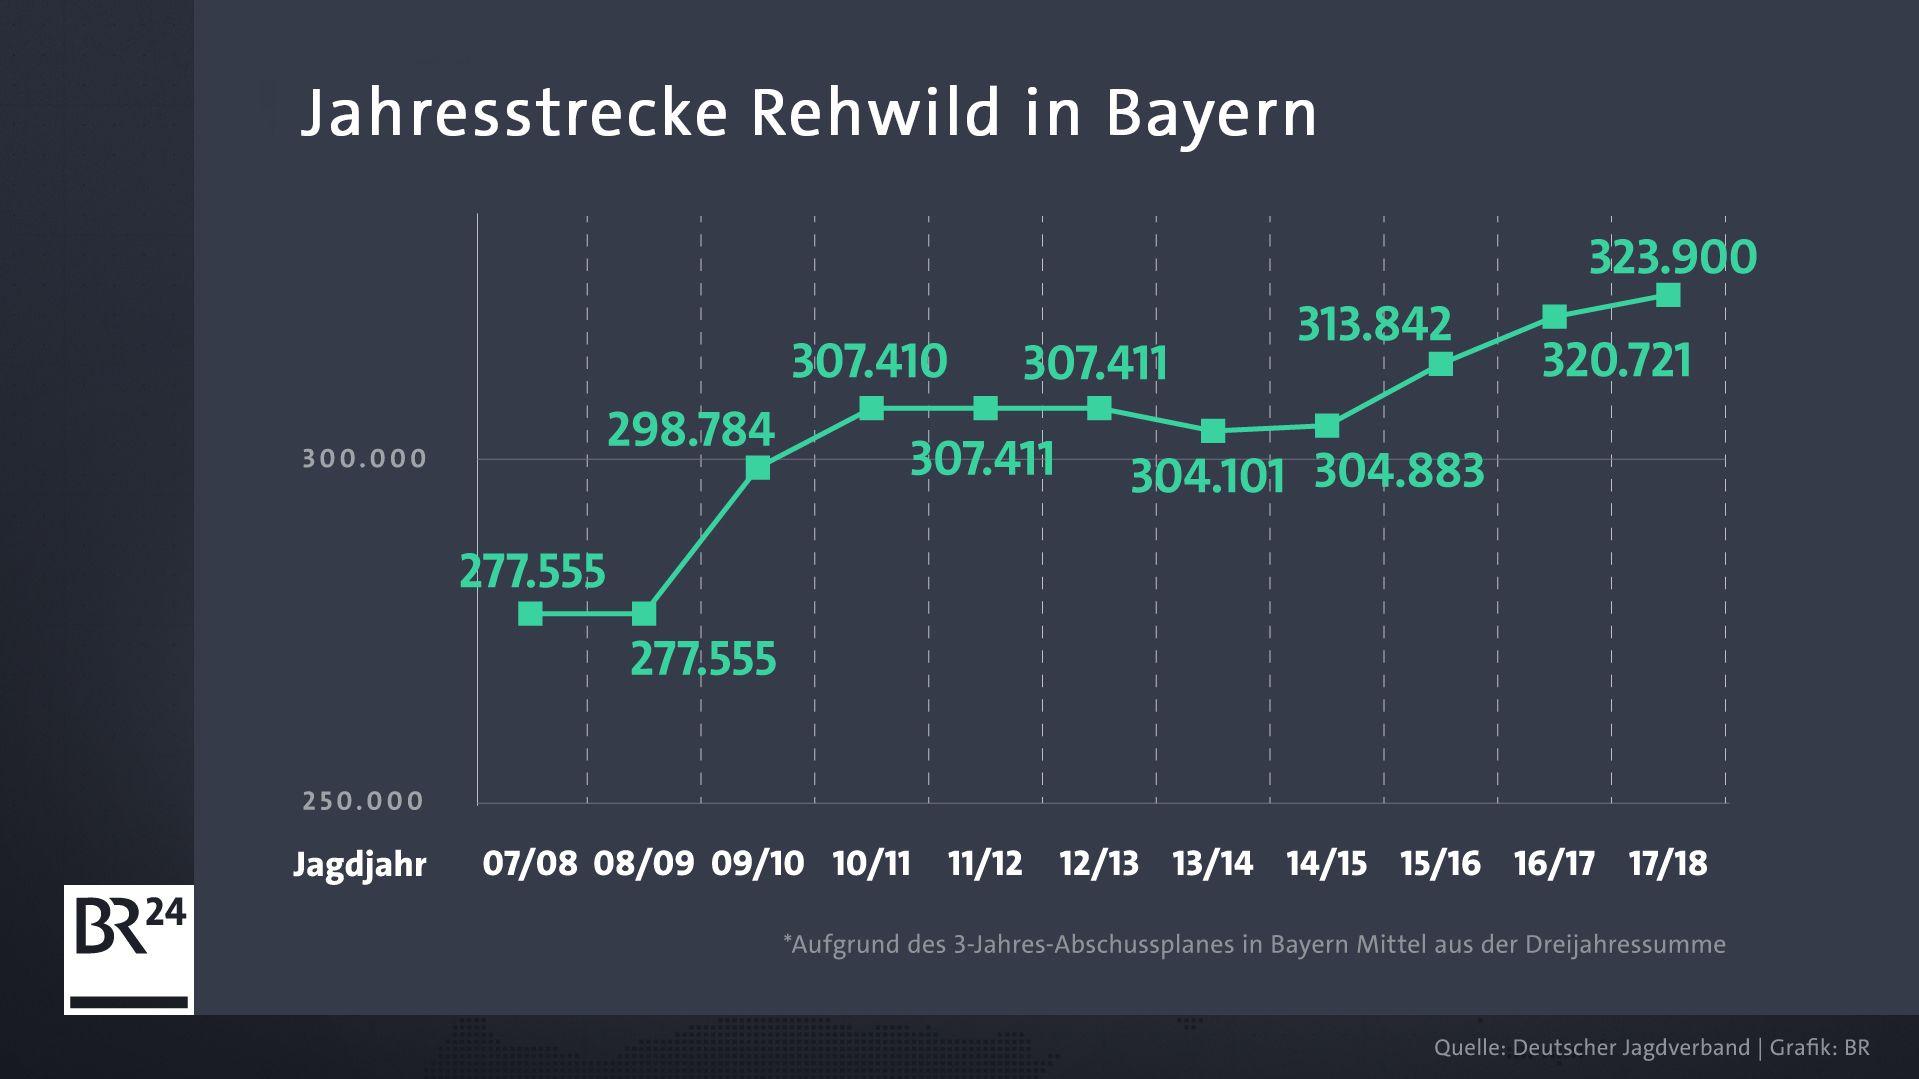 Die Jahresstrecke von Rehwild in Bayern.